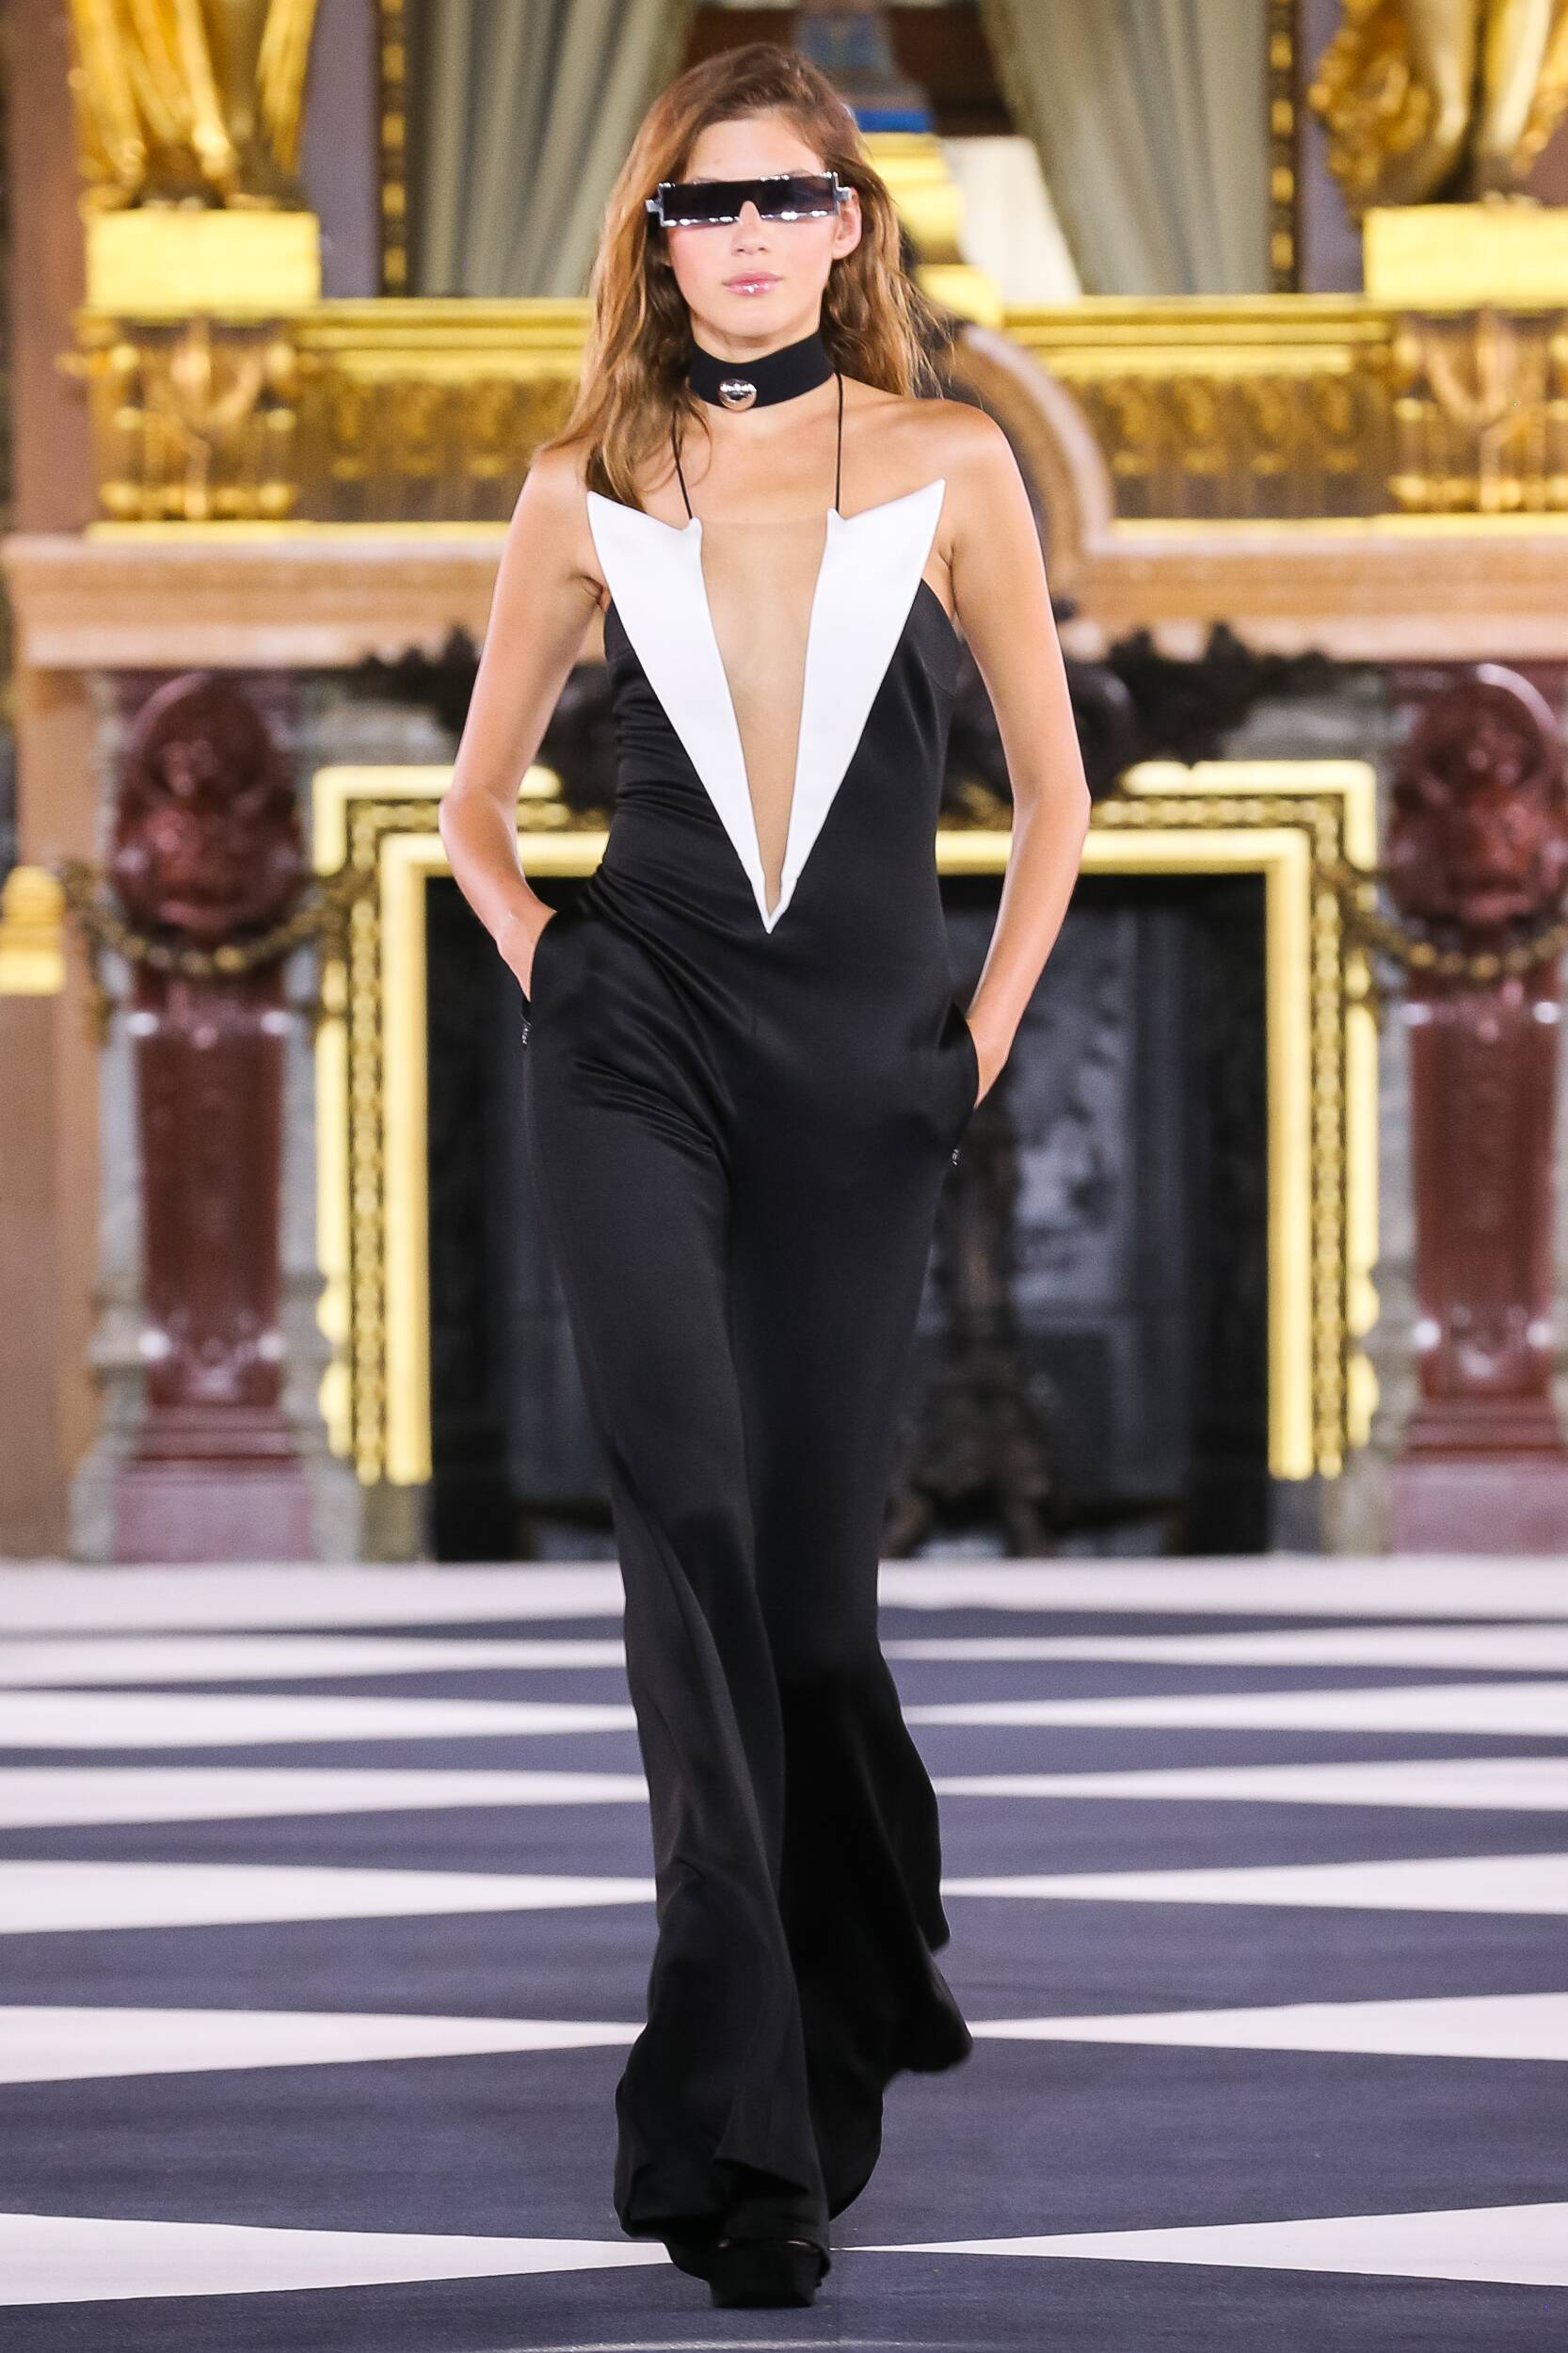 SS 2020 Balmain Show Paris Fashion Womenswear Paris